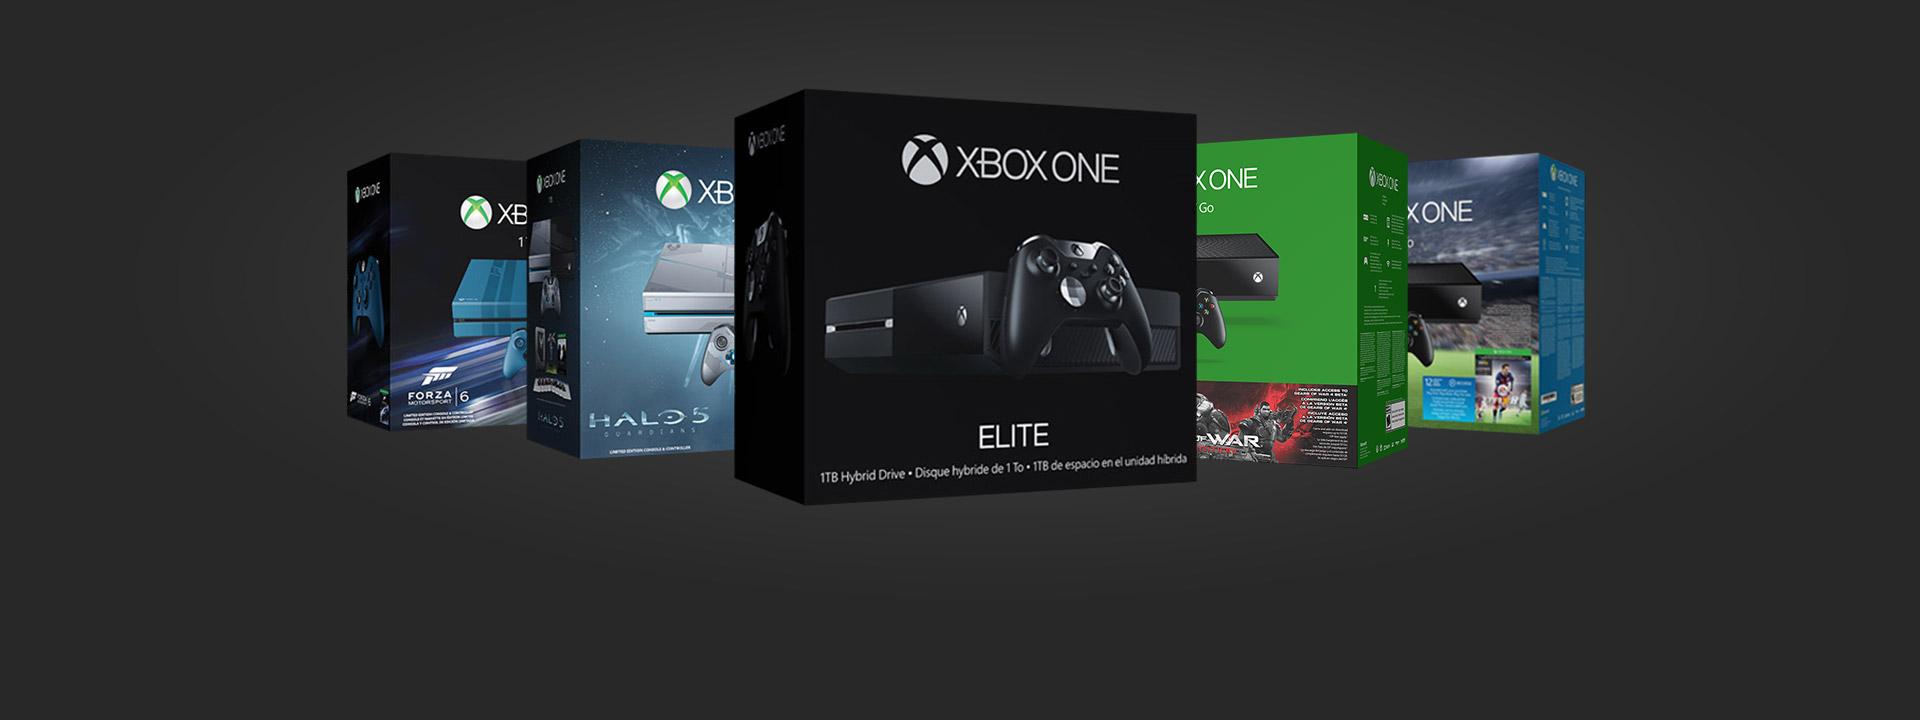 Szórakozzon órákon keresztül a vadonatúj Xbox One csomaggal!Szórakozzon órákon keresztül a vadonatúj Xbox One csomaggal!